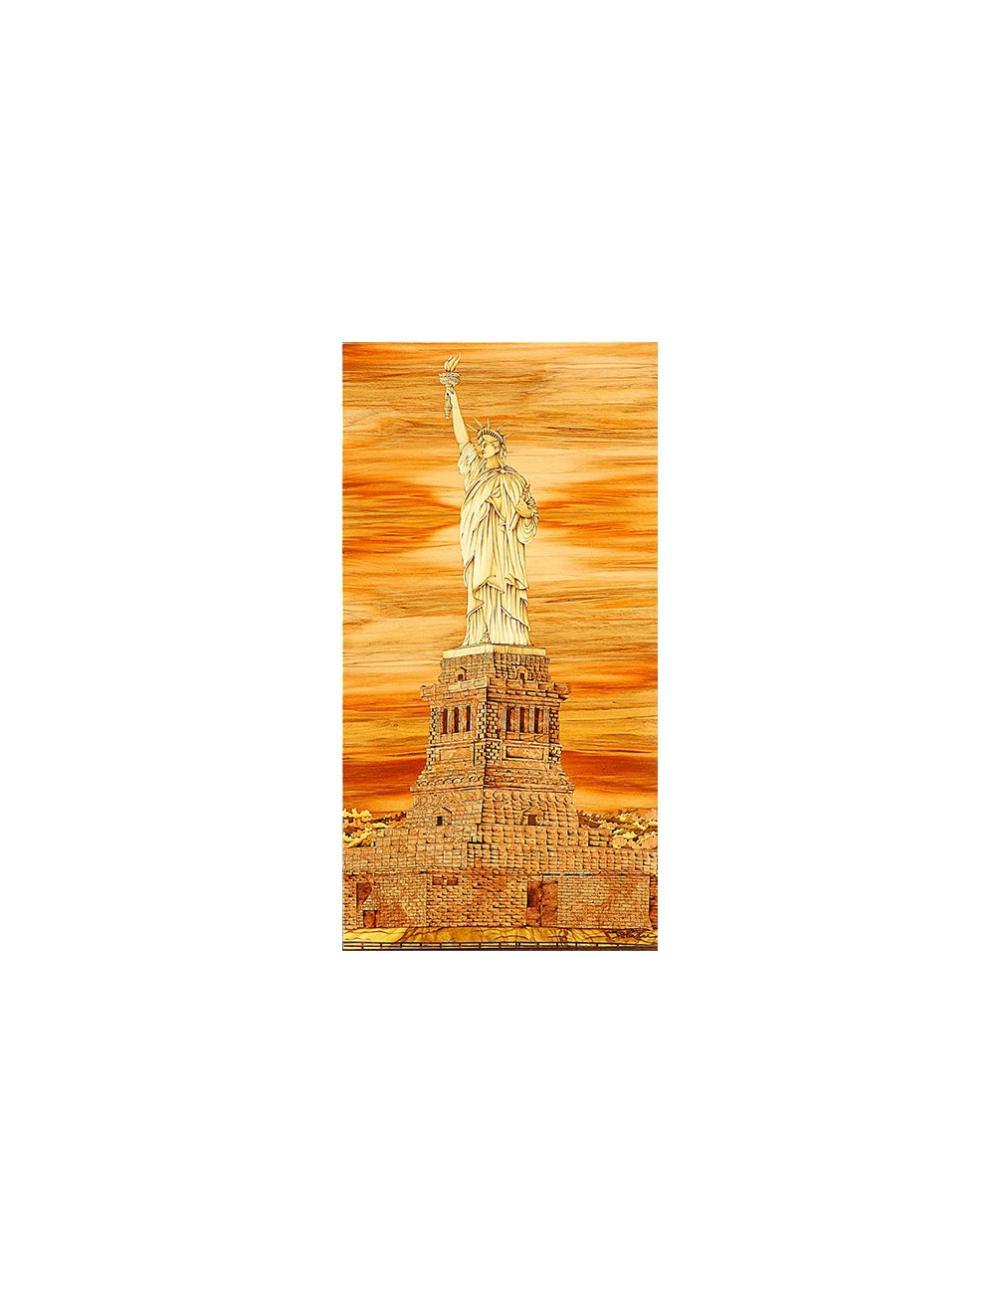 Sandy老師創作理念:「天賦資質自由揮舞,攀越高峰點燃生命,照亮環宇,愛與和平共讚雲霄。」